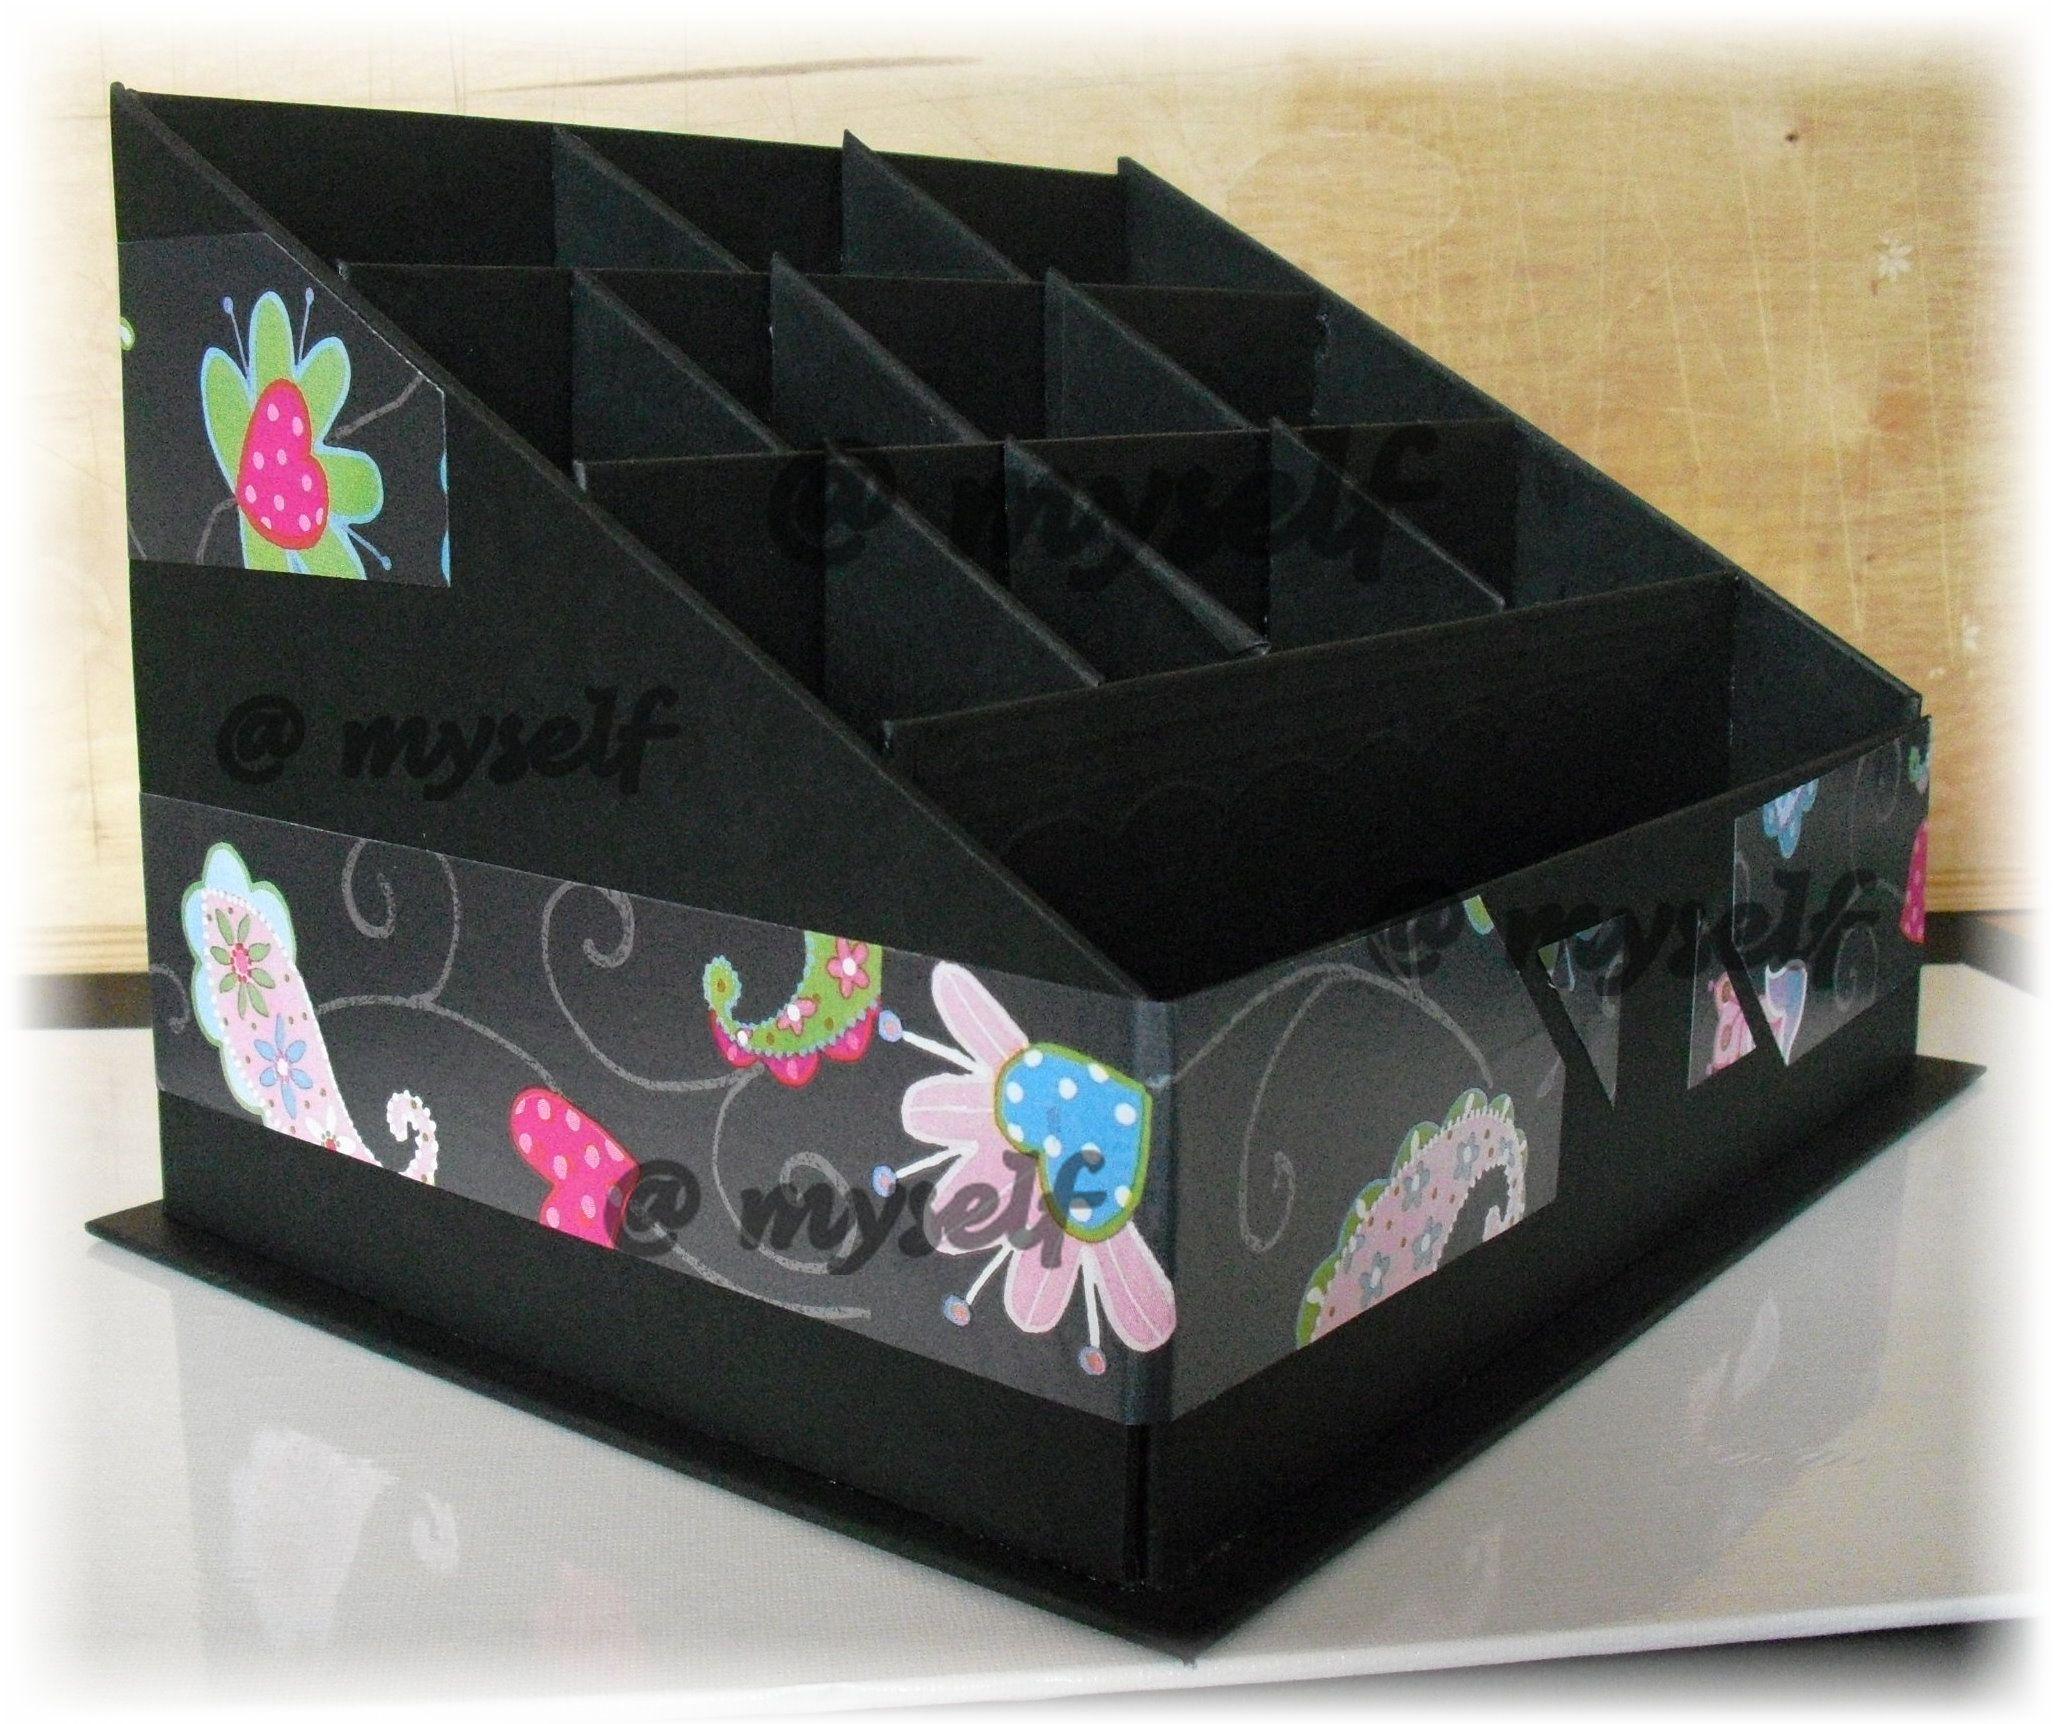 foam core inspiration   toko   Pinterest   Pappe, Papier und Kreativ